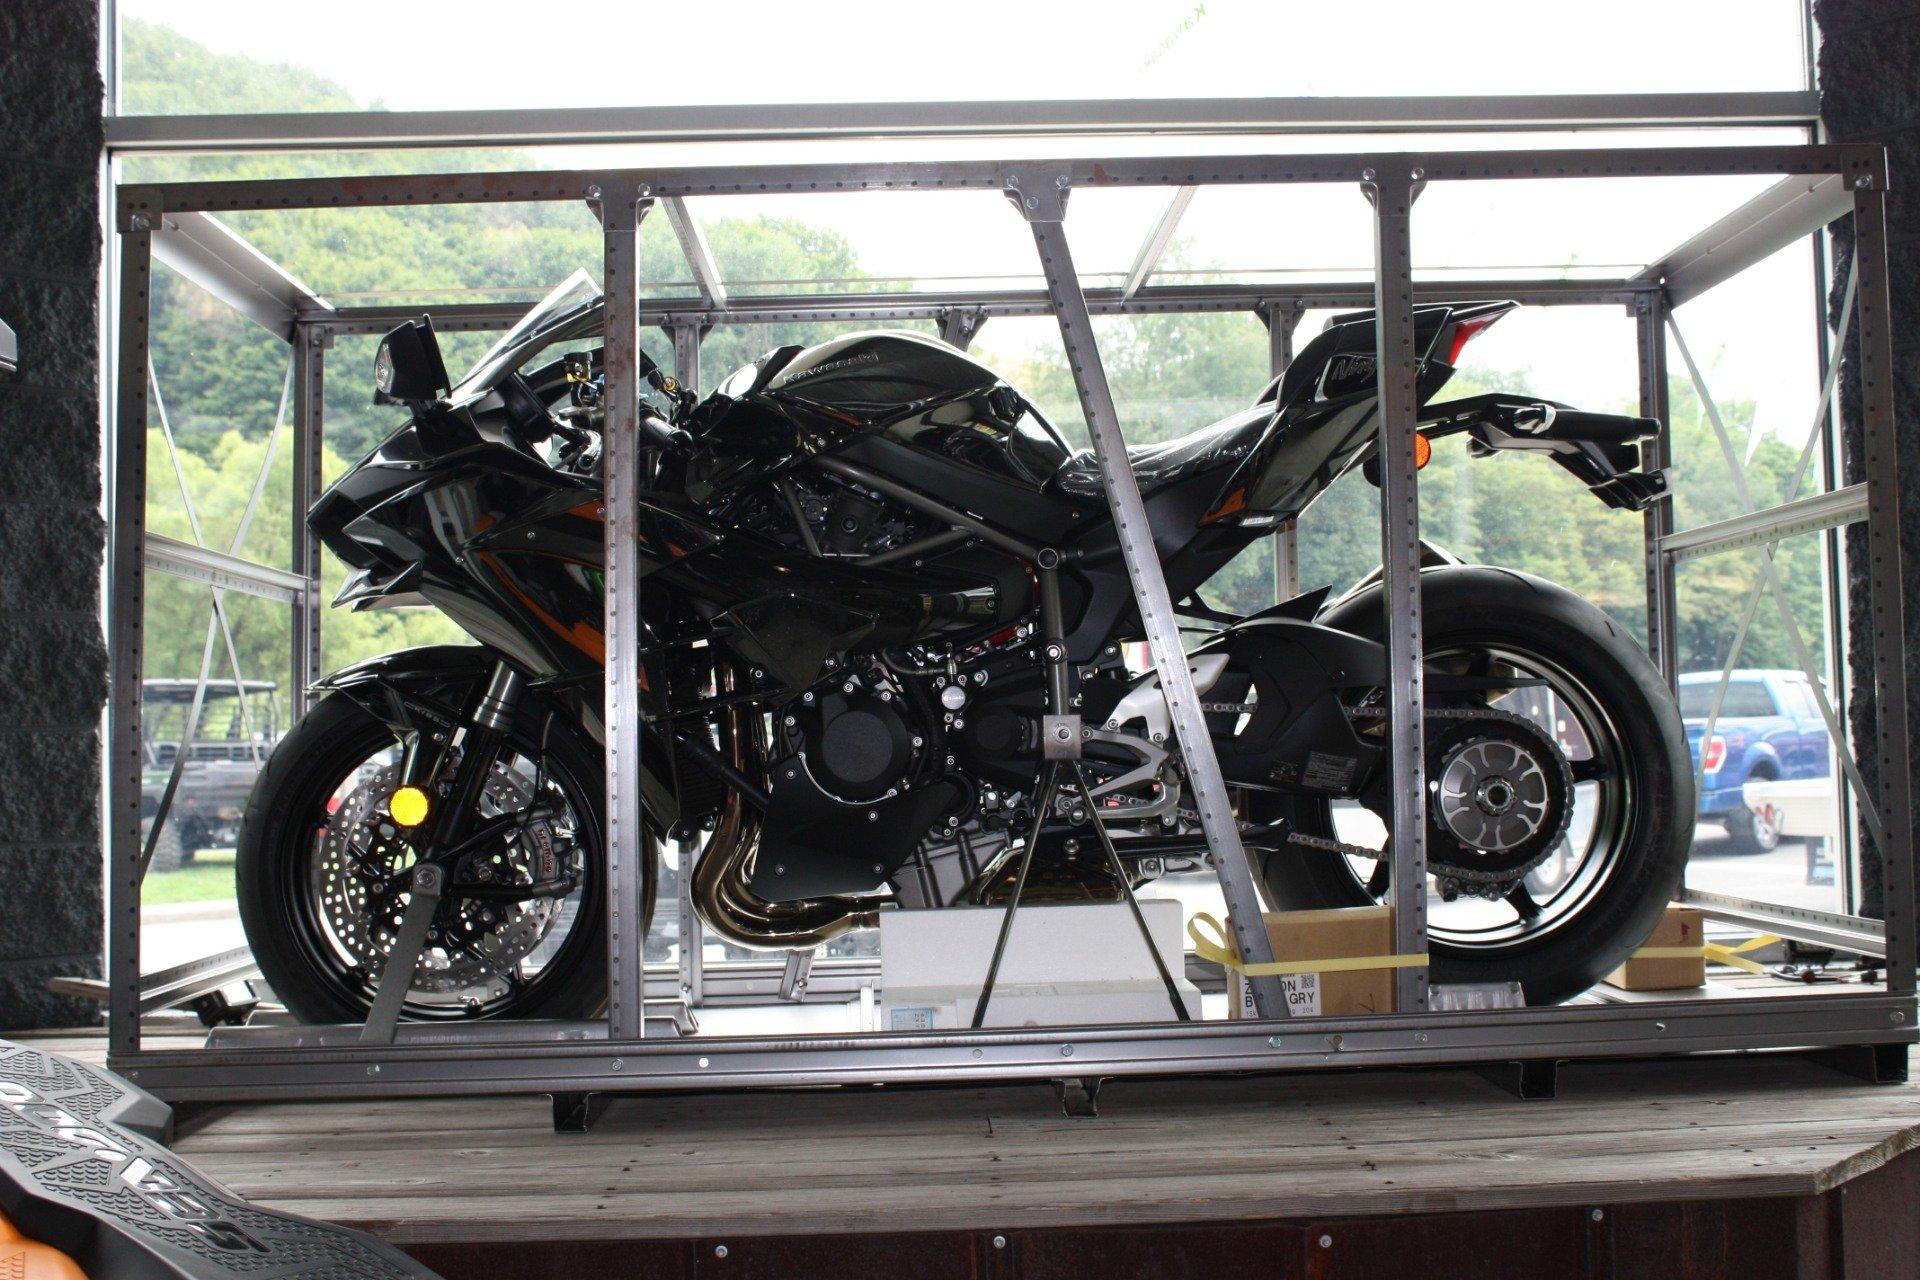 2016 Kawasaki Ninja H2 2